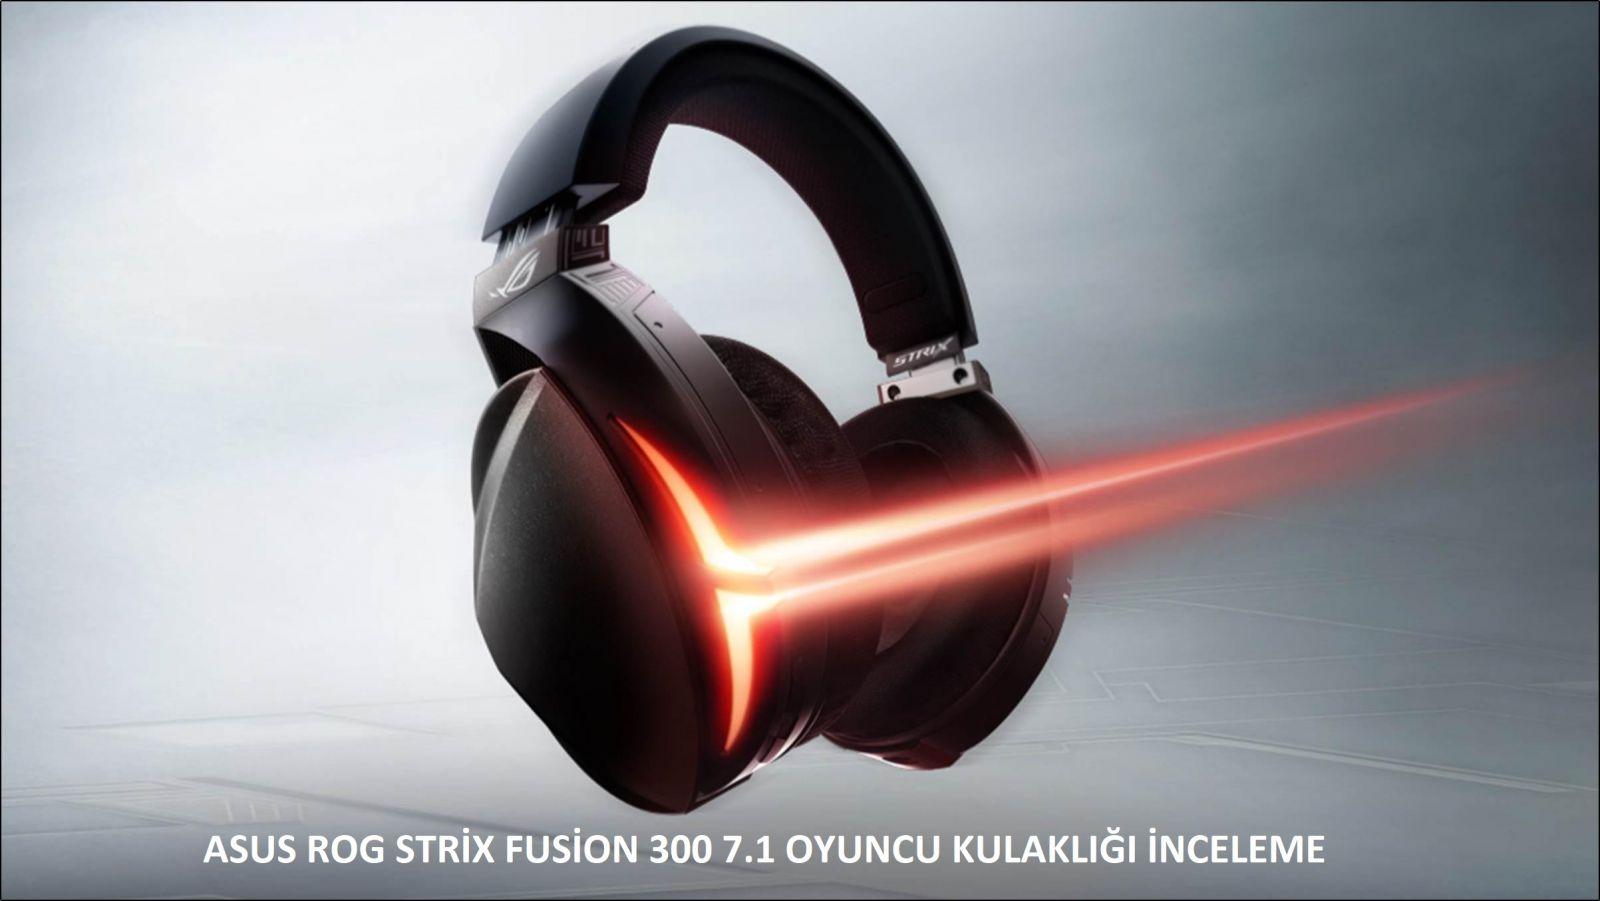 tekirdağ Asus ROG Strix Fusion 300 Oyuncu Kulaklığı İncelemesi!